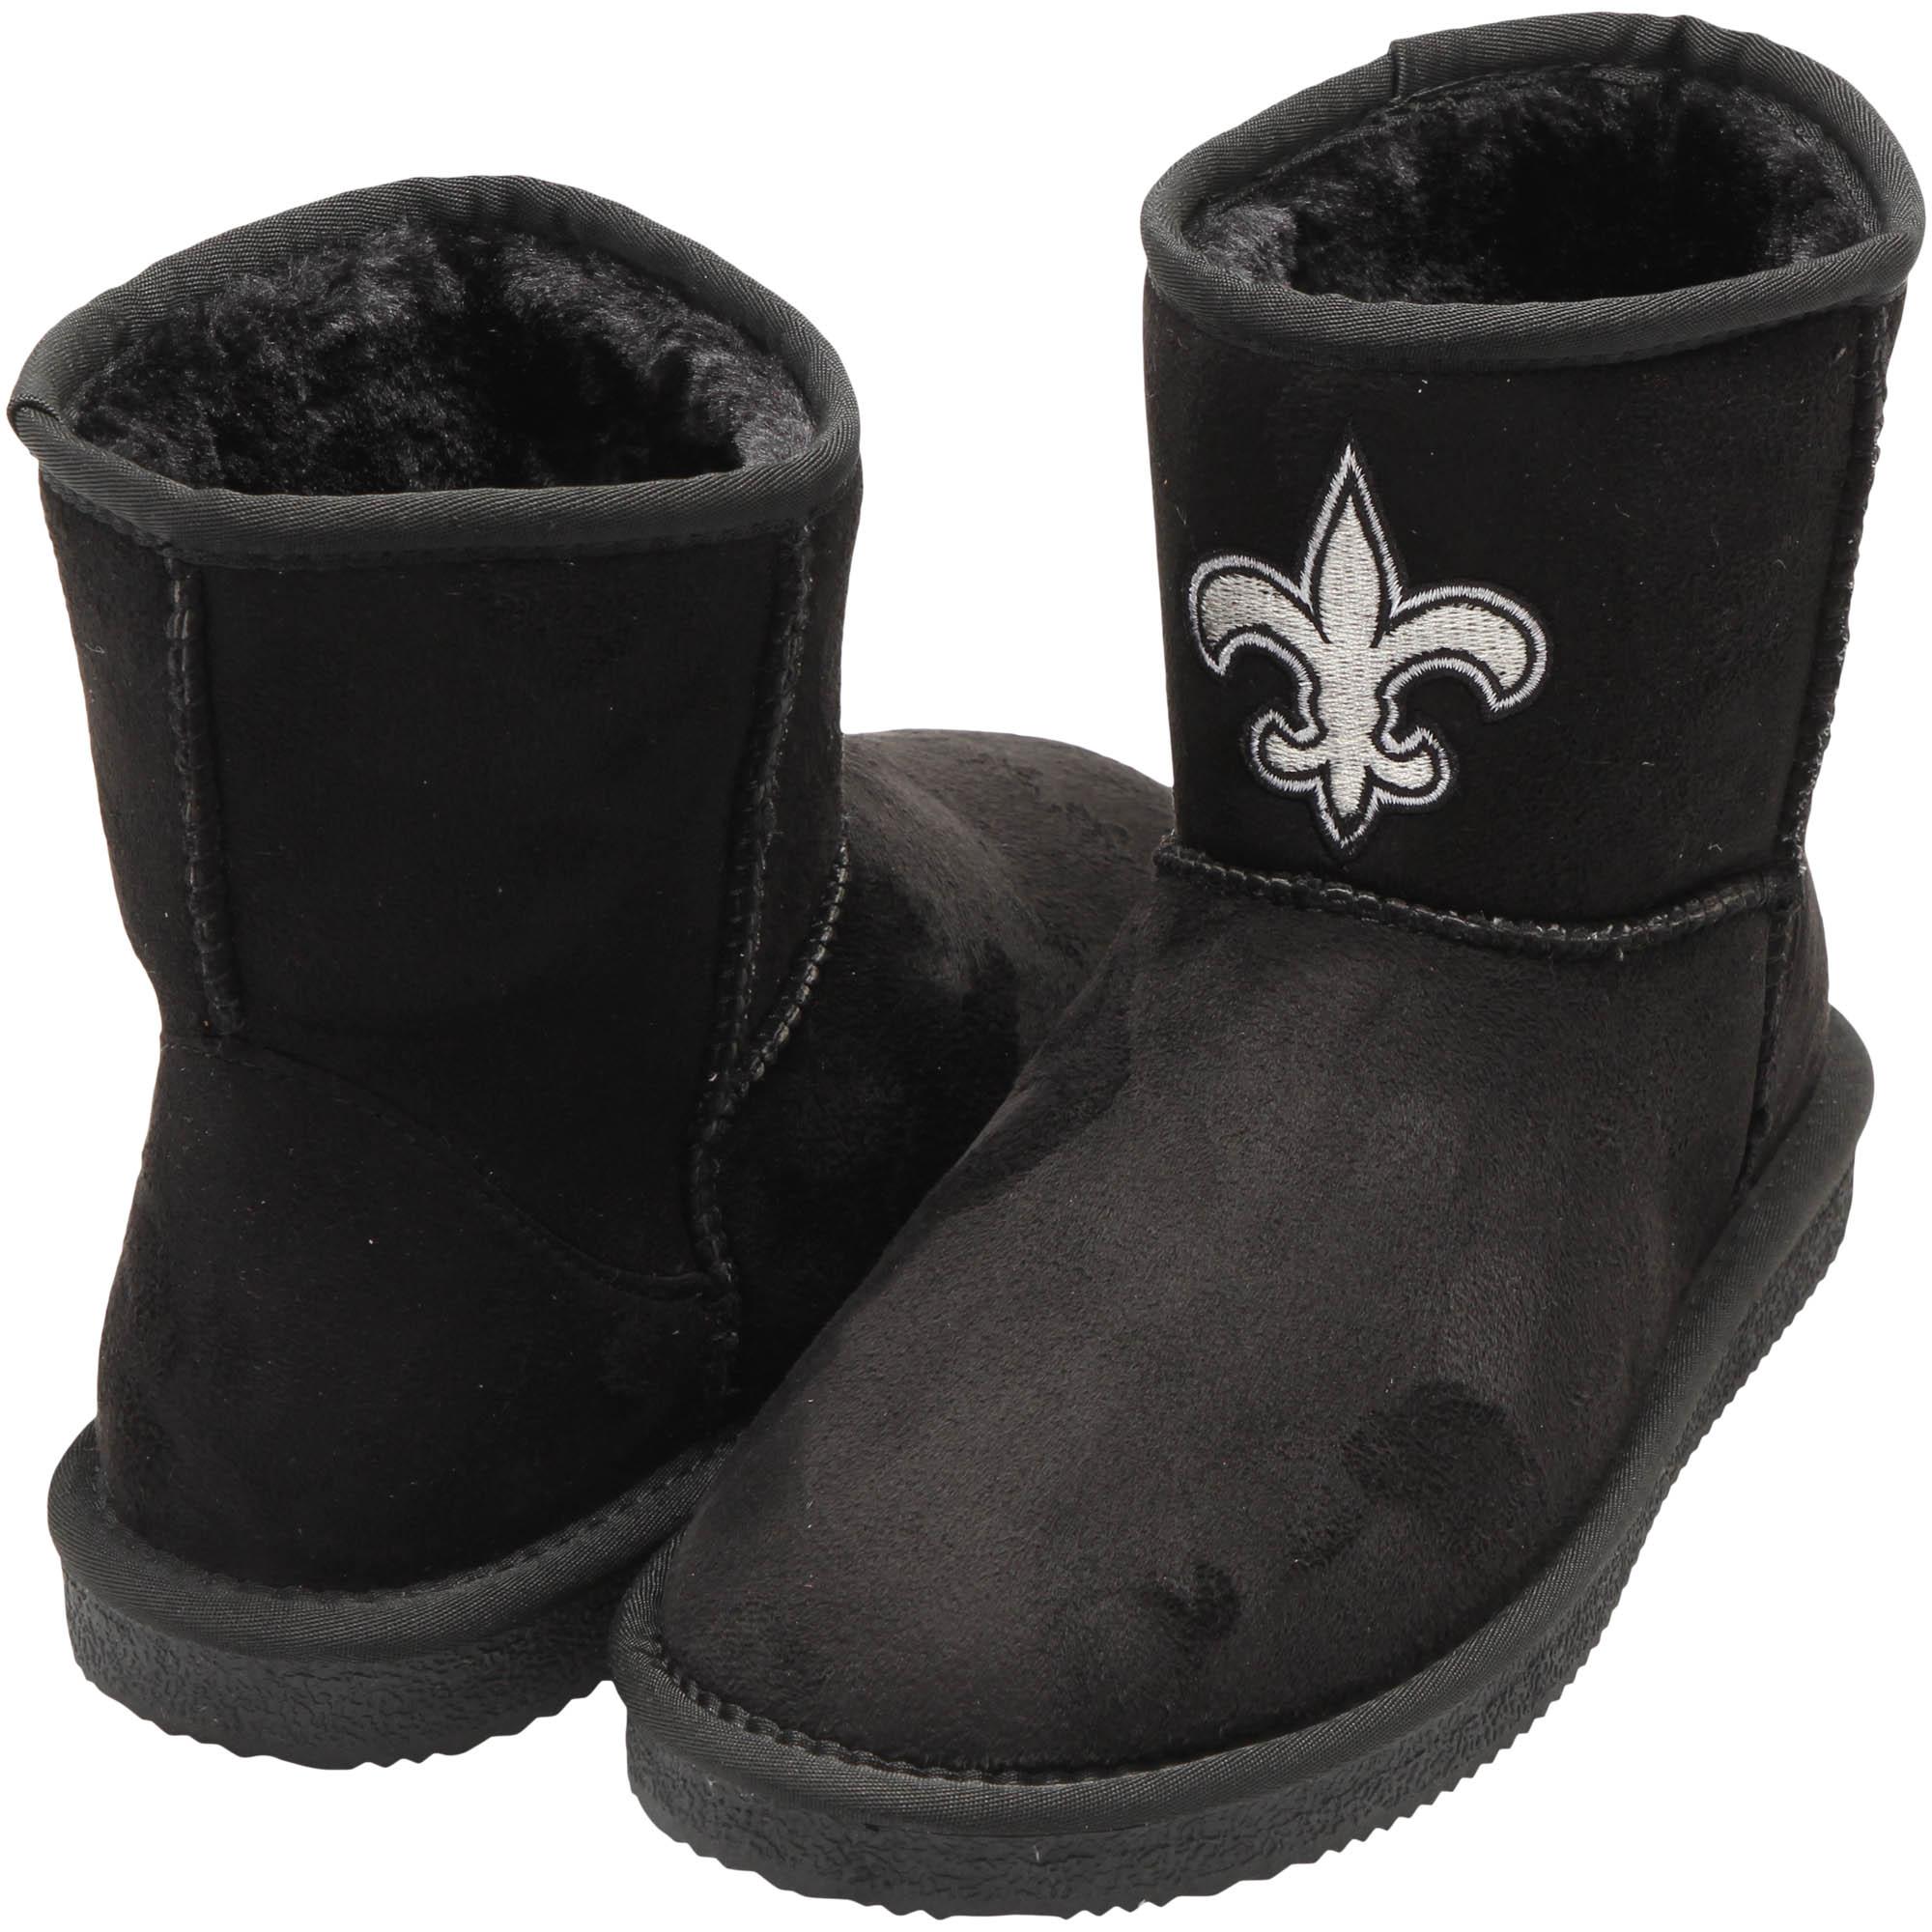 New Orleans Saints Cuce Women's The Rookie Mini Boots - Black